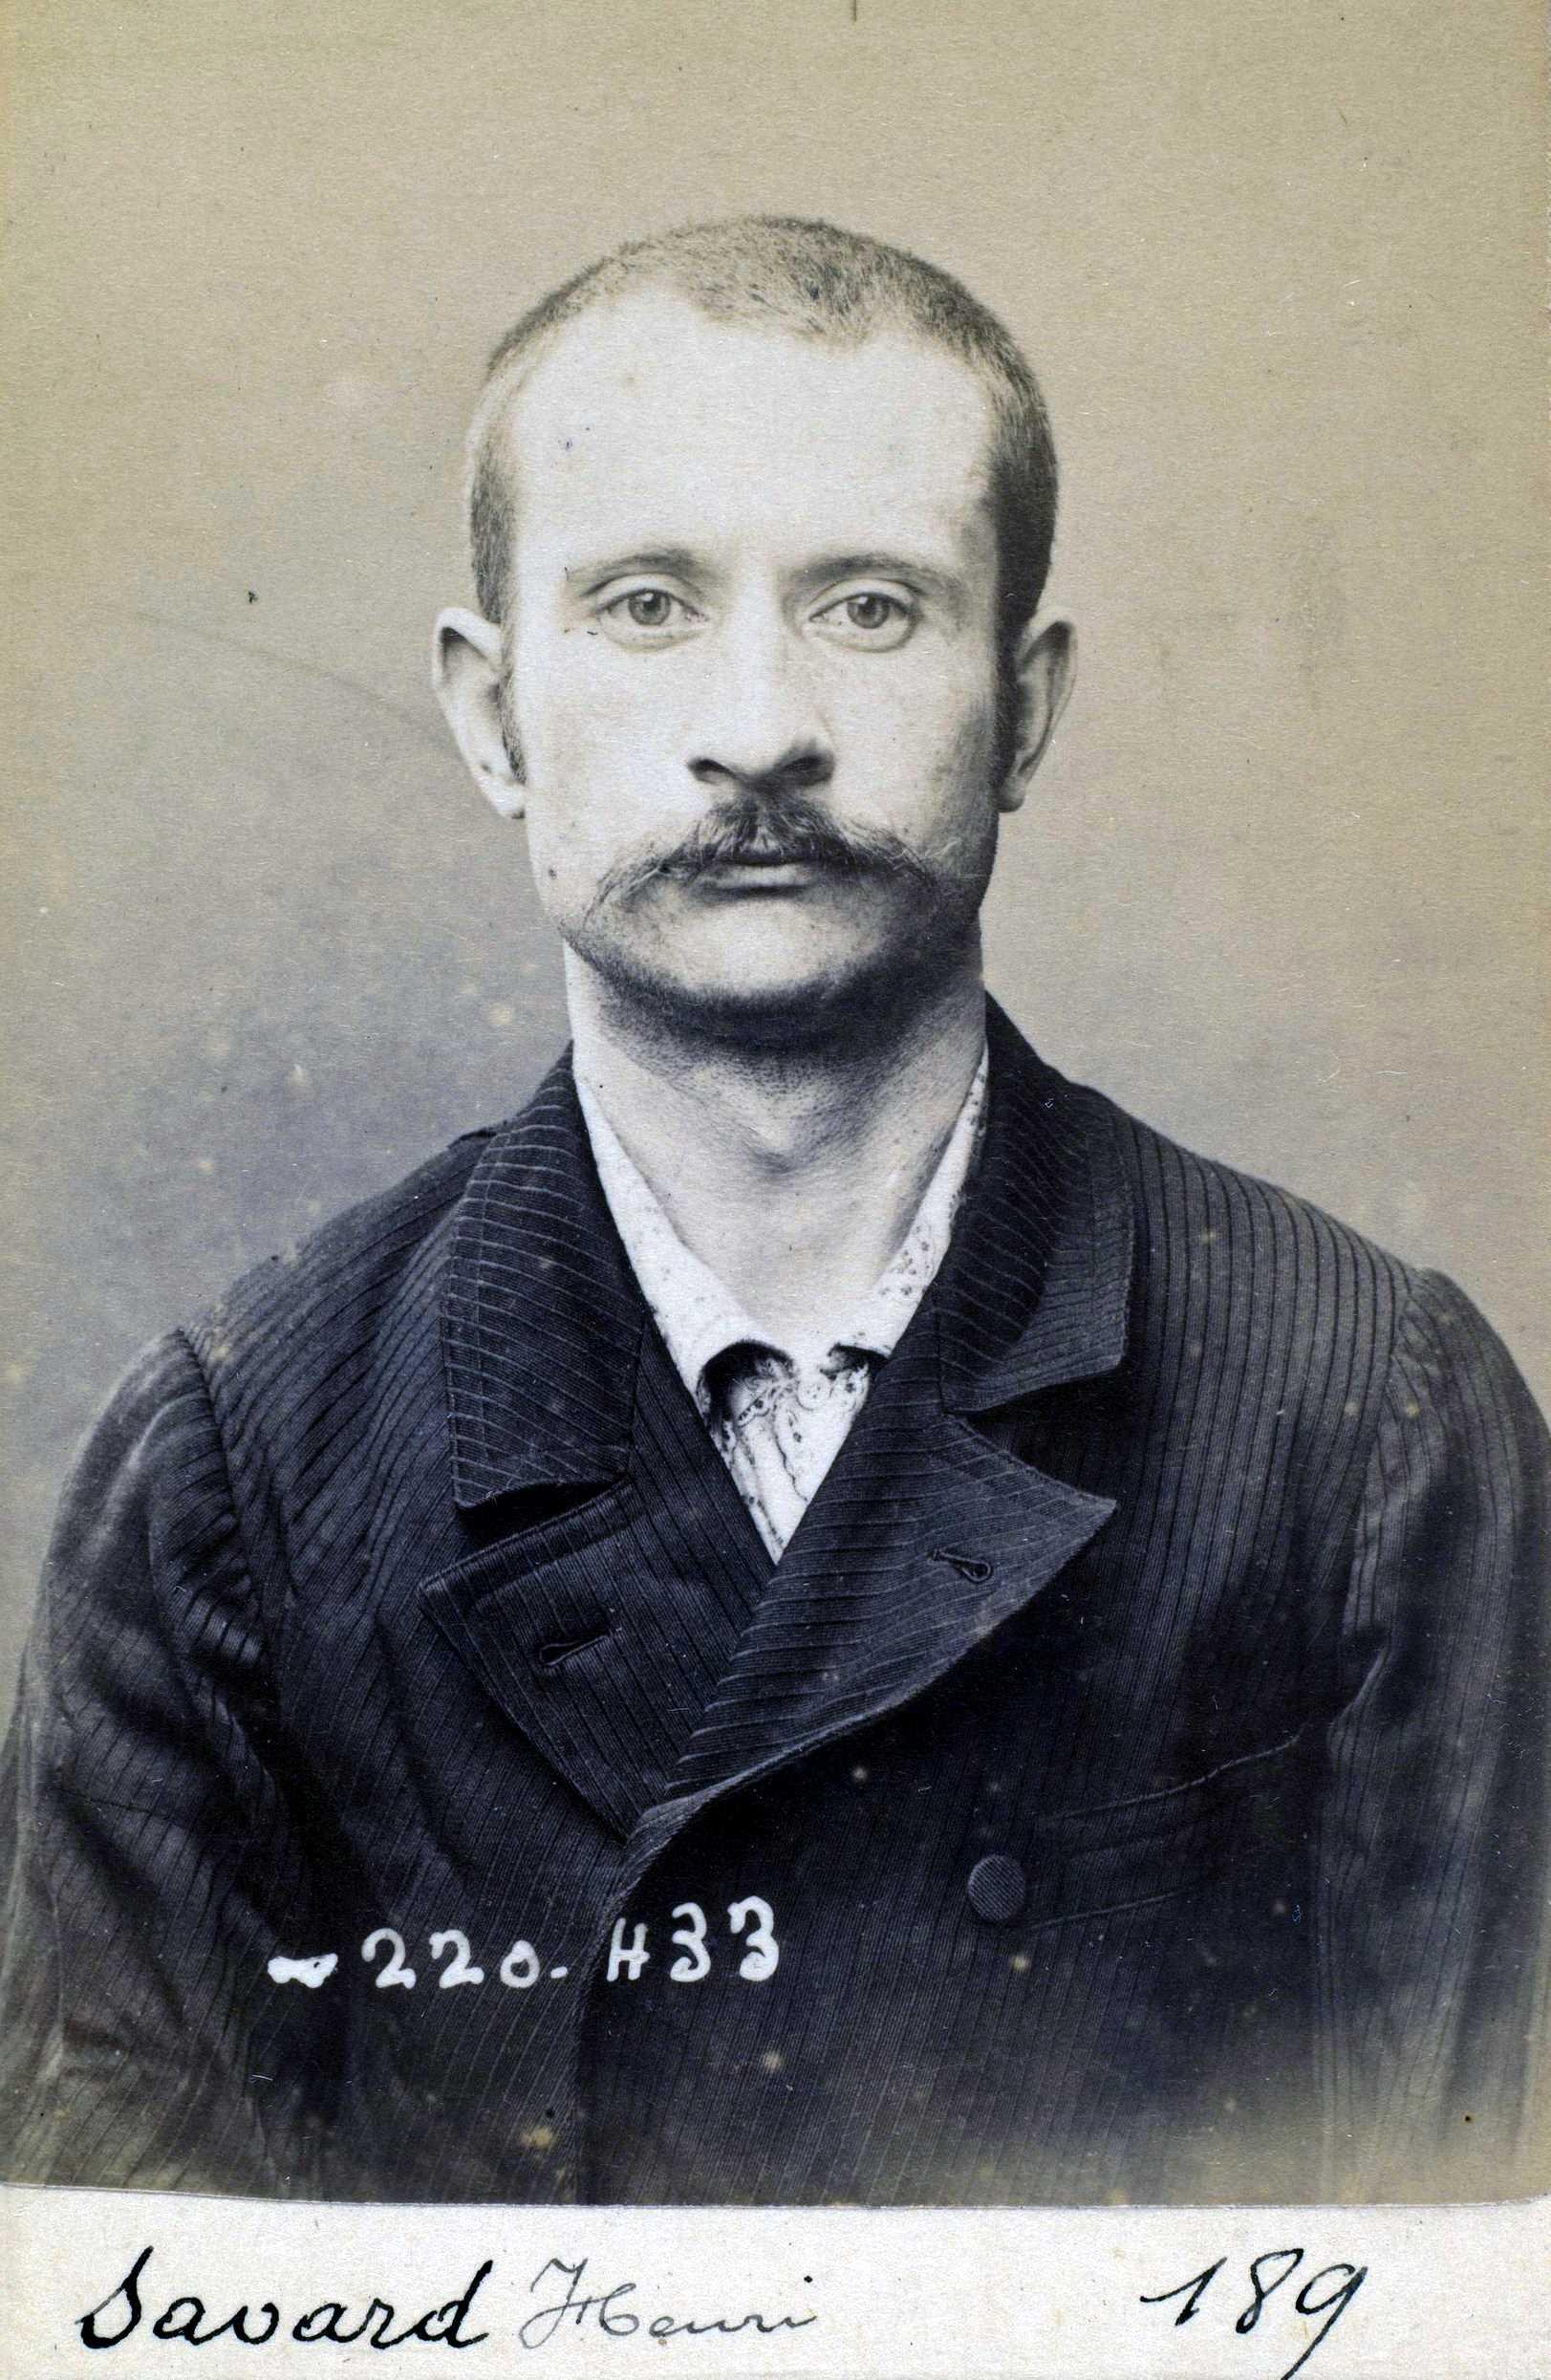 Foto policíaca d'Henri Savard (2 de juliol de 1894)